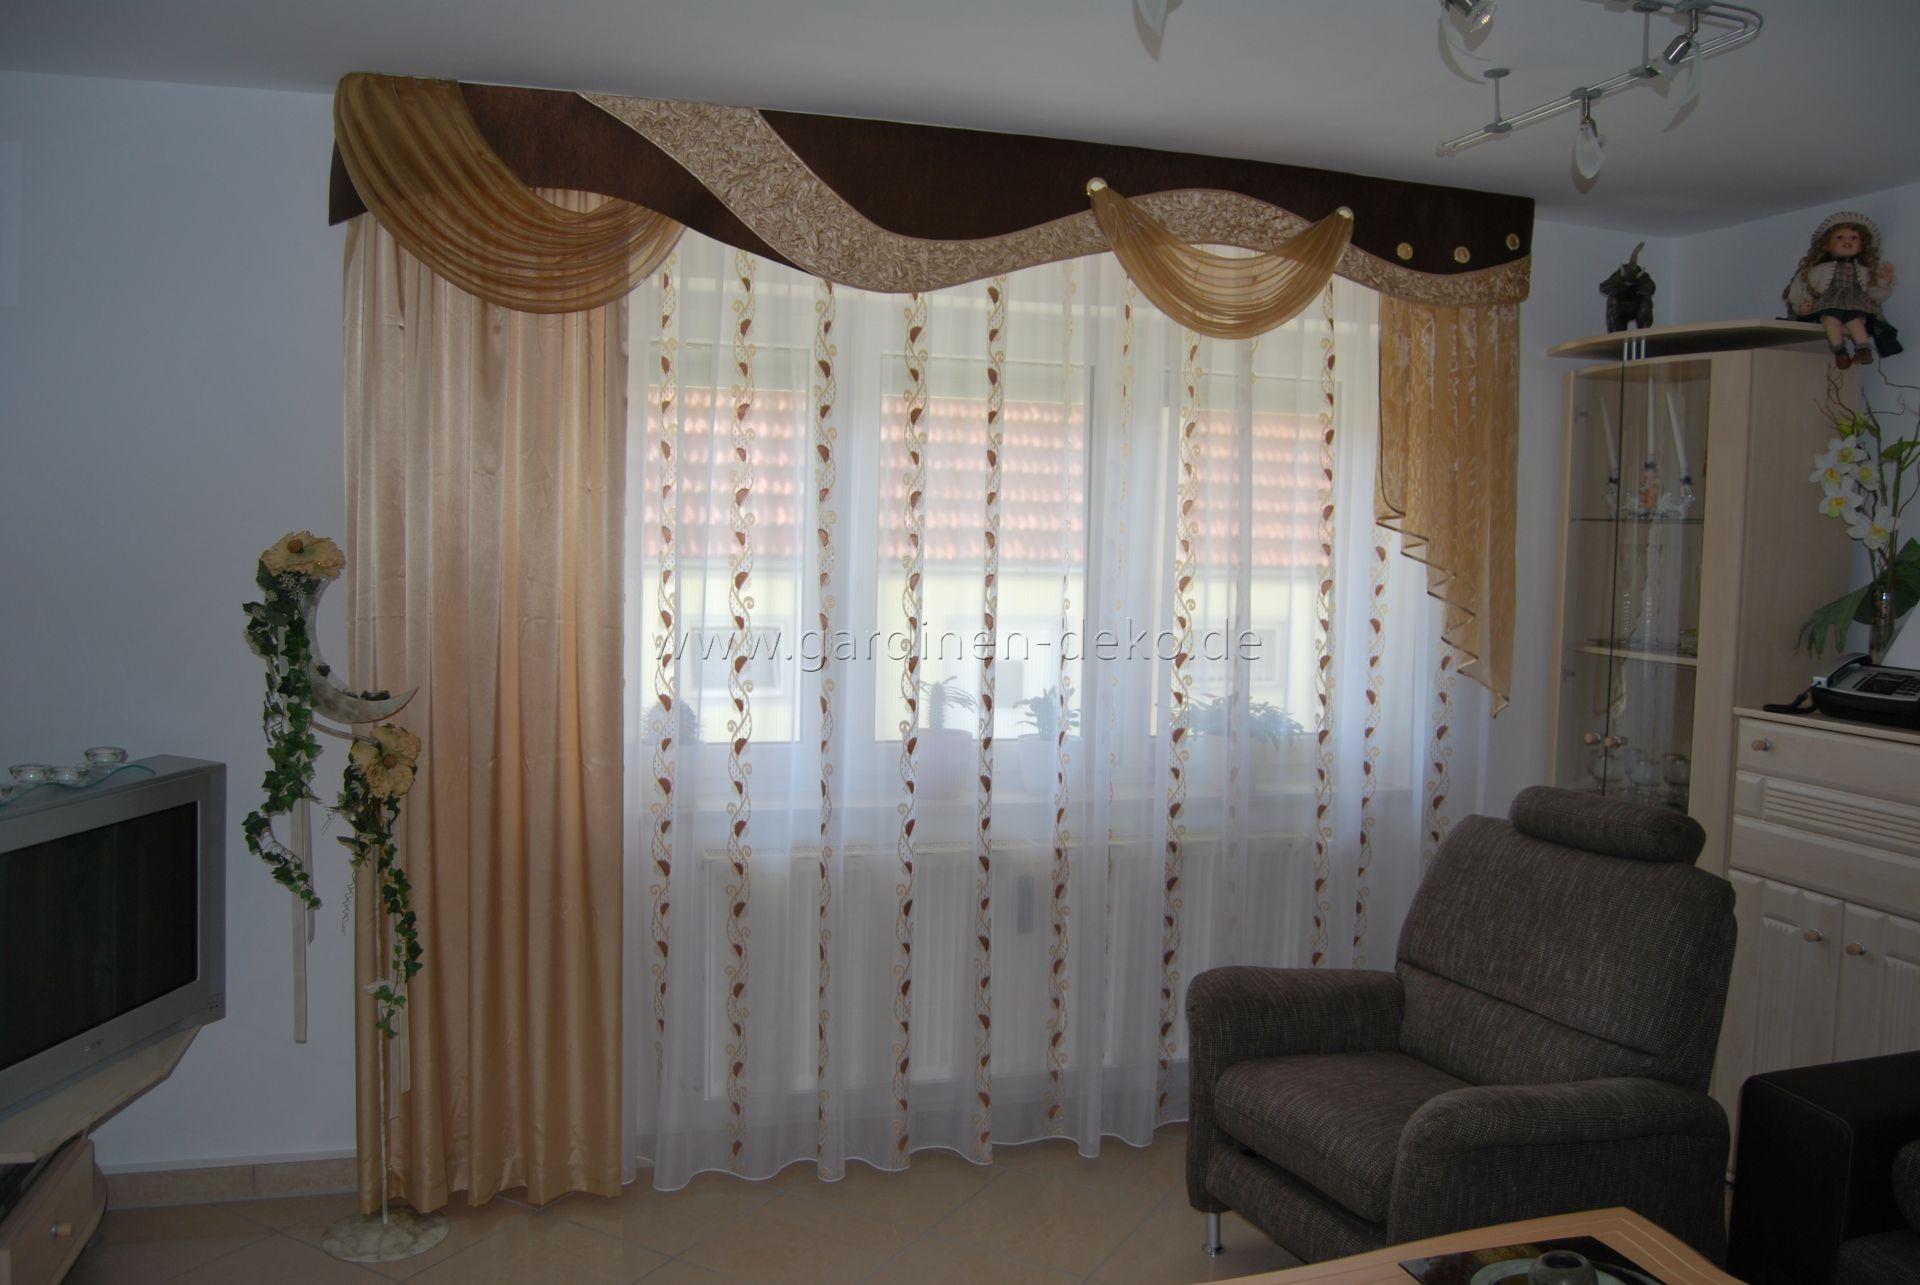 Vorhang küchenfenster ~ Klassischer wohnzimmer vorhang mit verschiedenen schals und